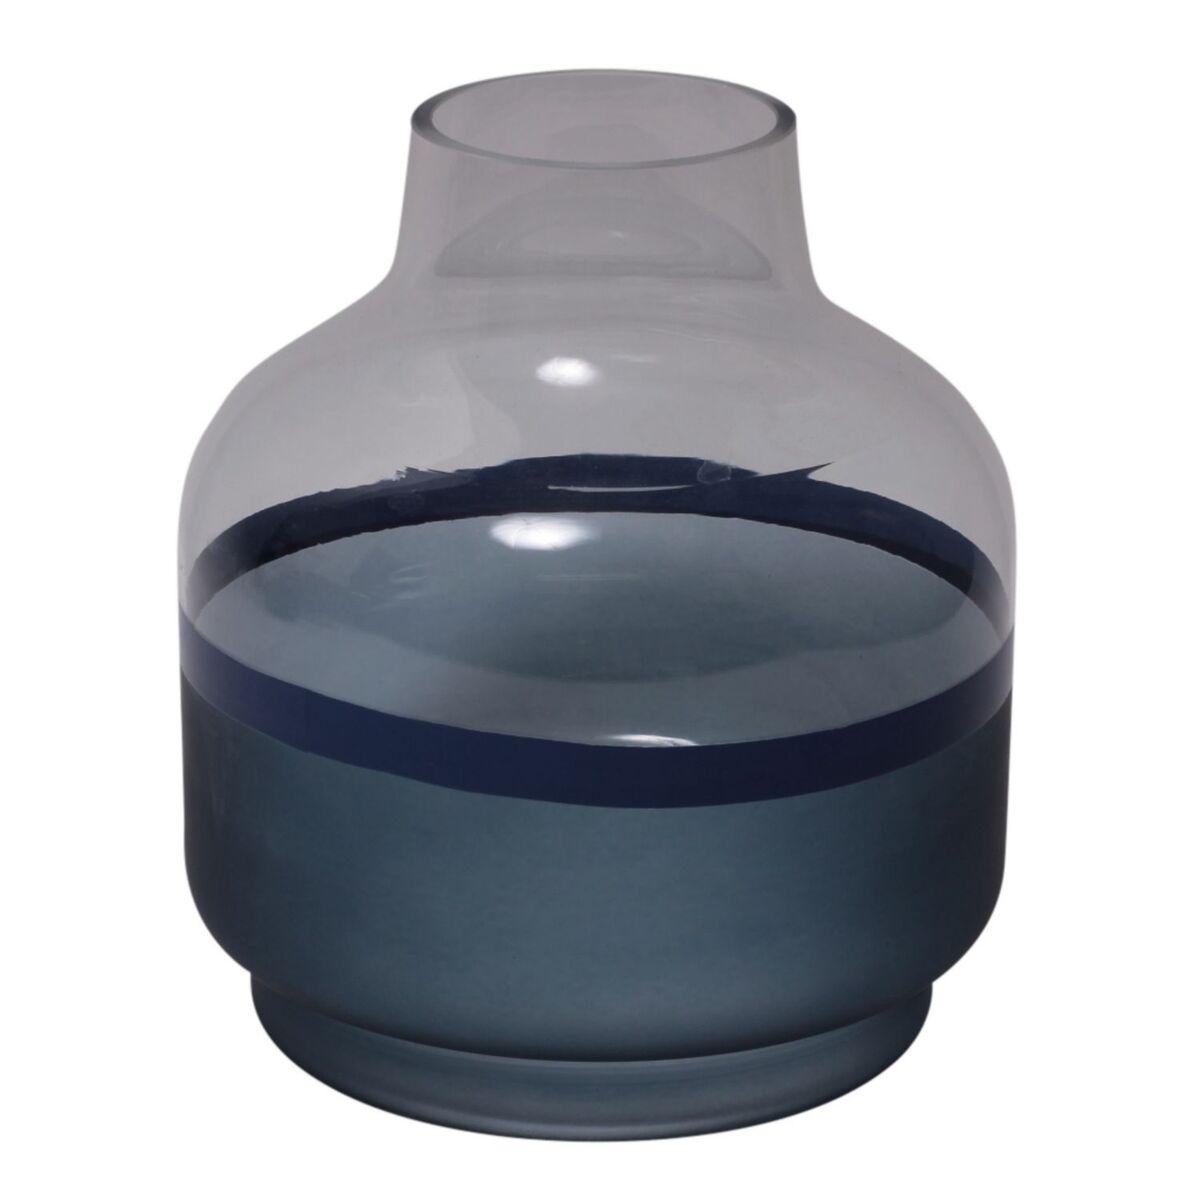 Bild 3 von CASA Deco Maritime Vasen/Windlichter